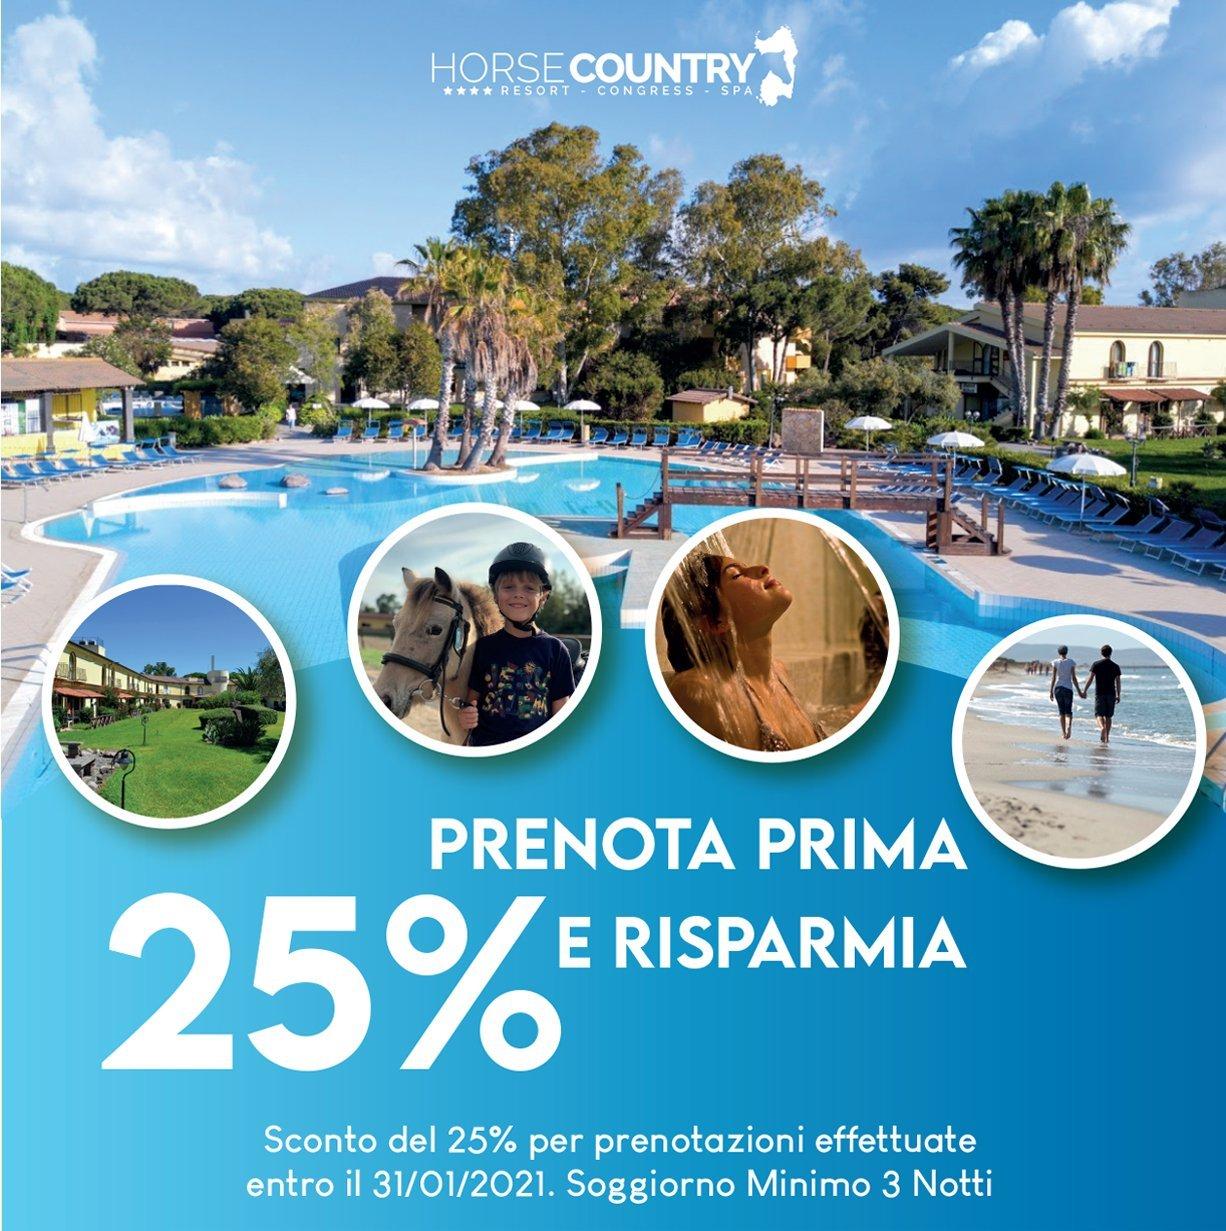 PRENOTA PRIMA E RISPARMIA IL 25%